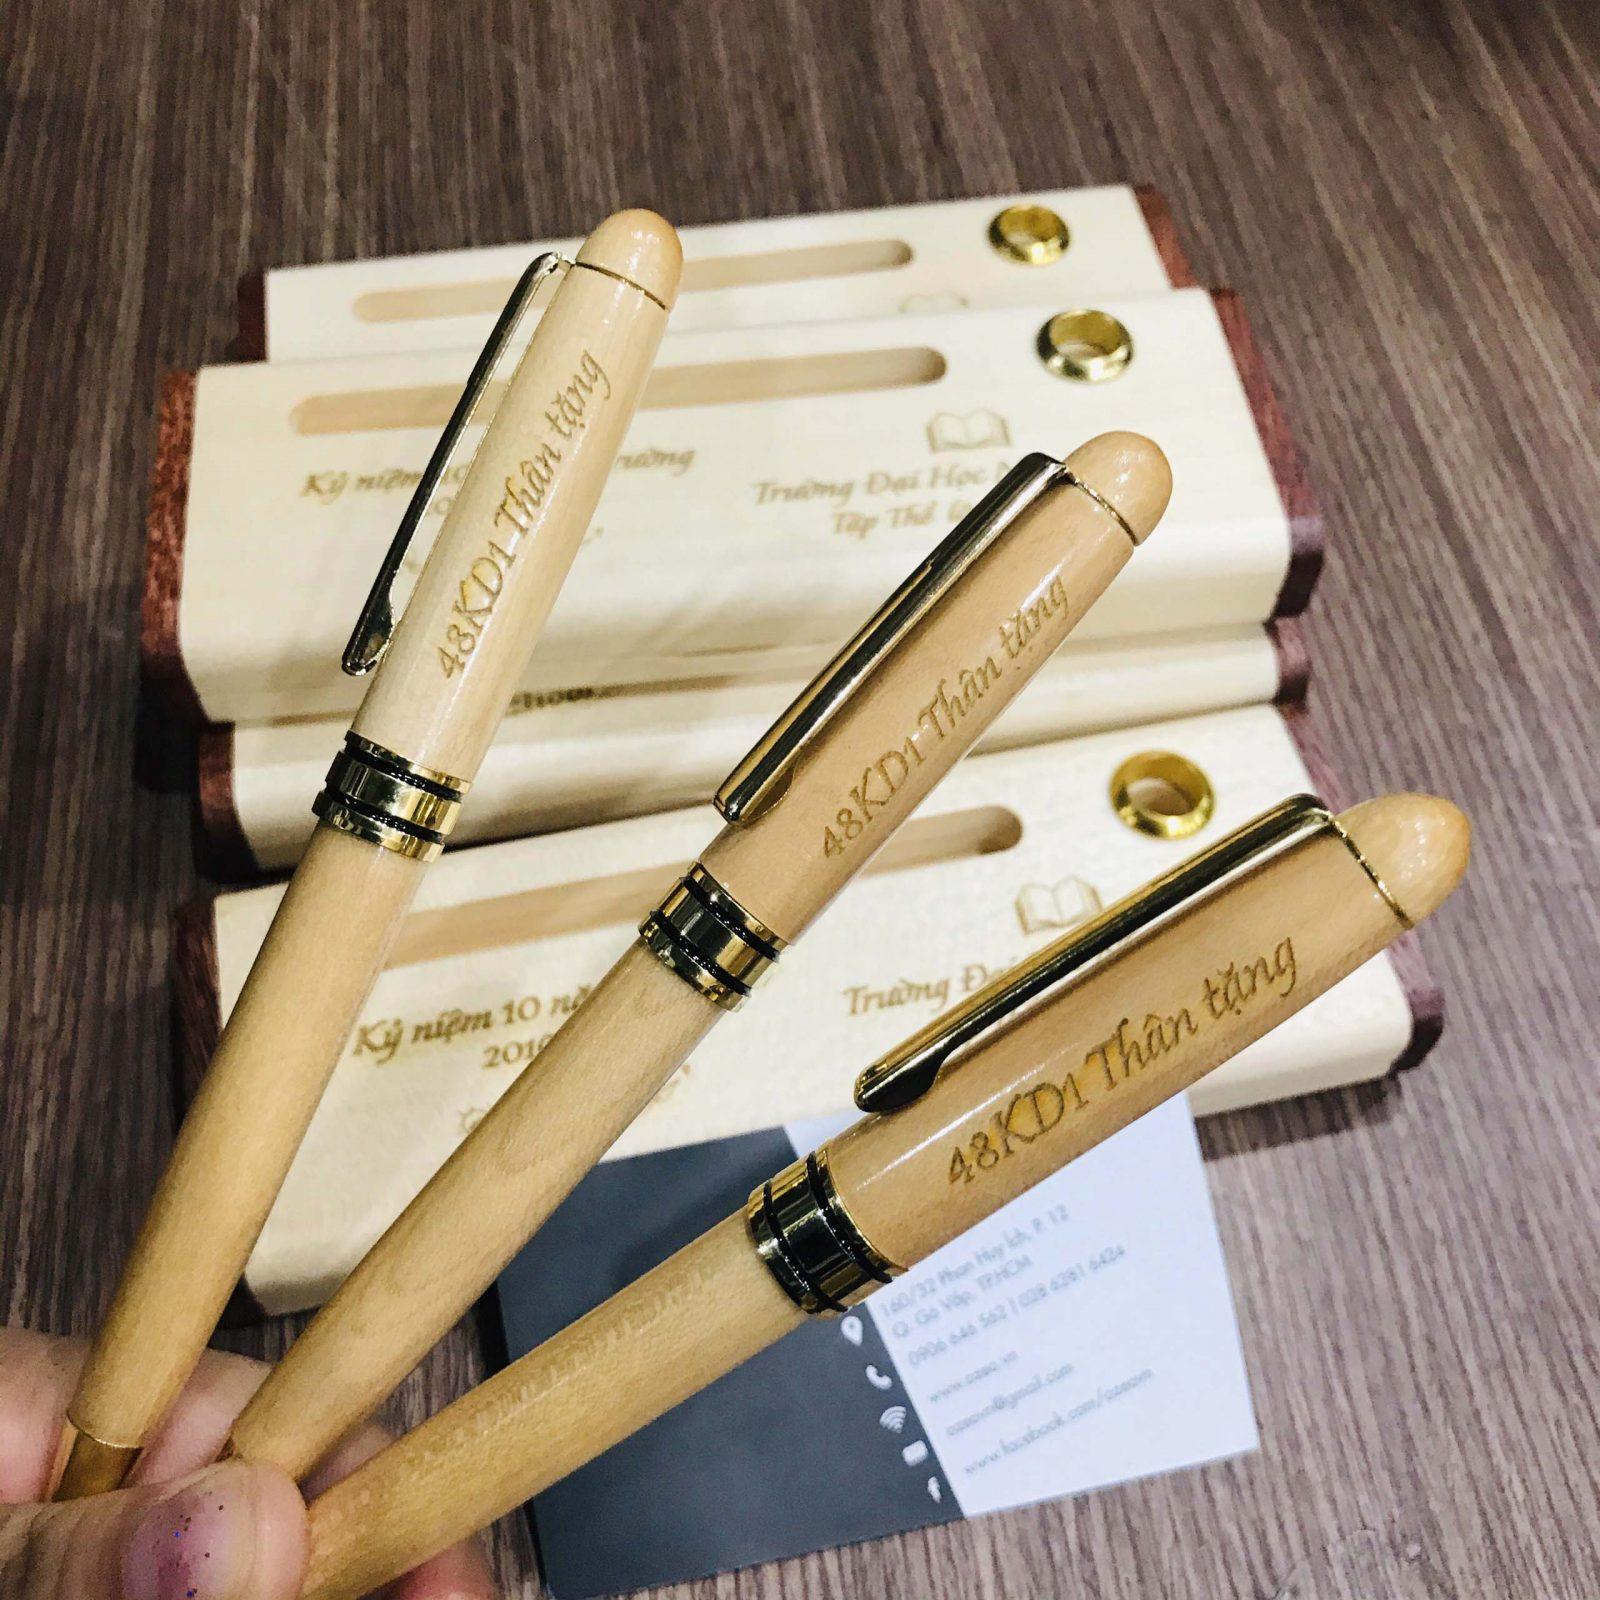 Bút gỗ xoay BG011 khắc tên làm quà tặng thầy cô giáo.